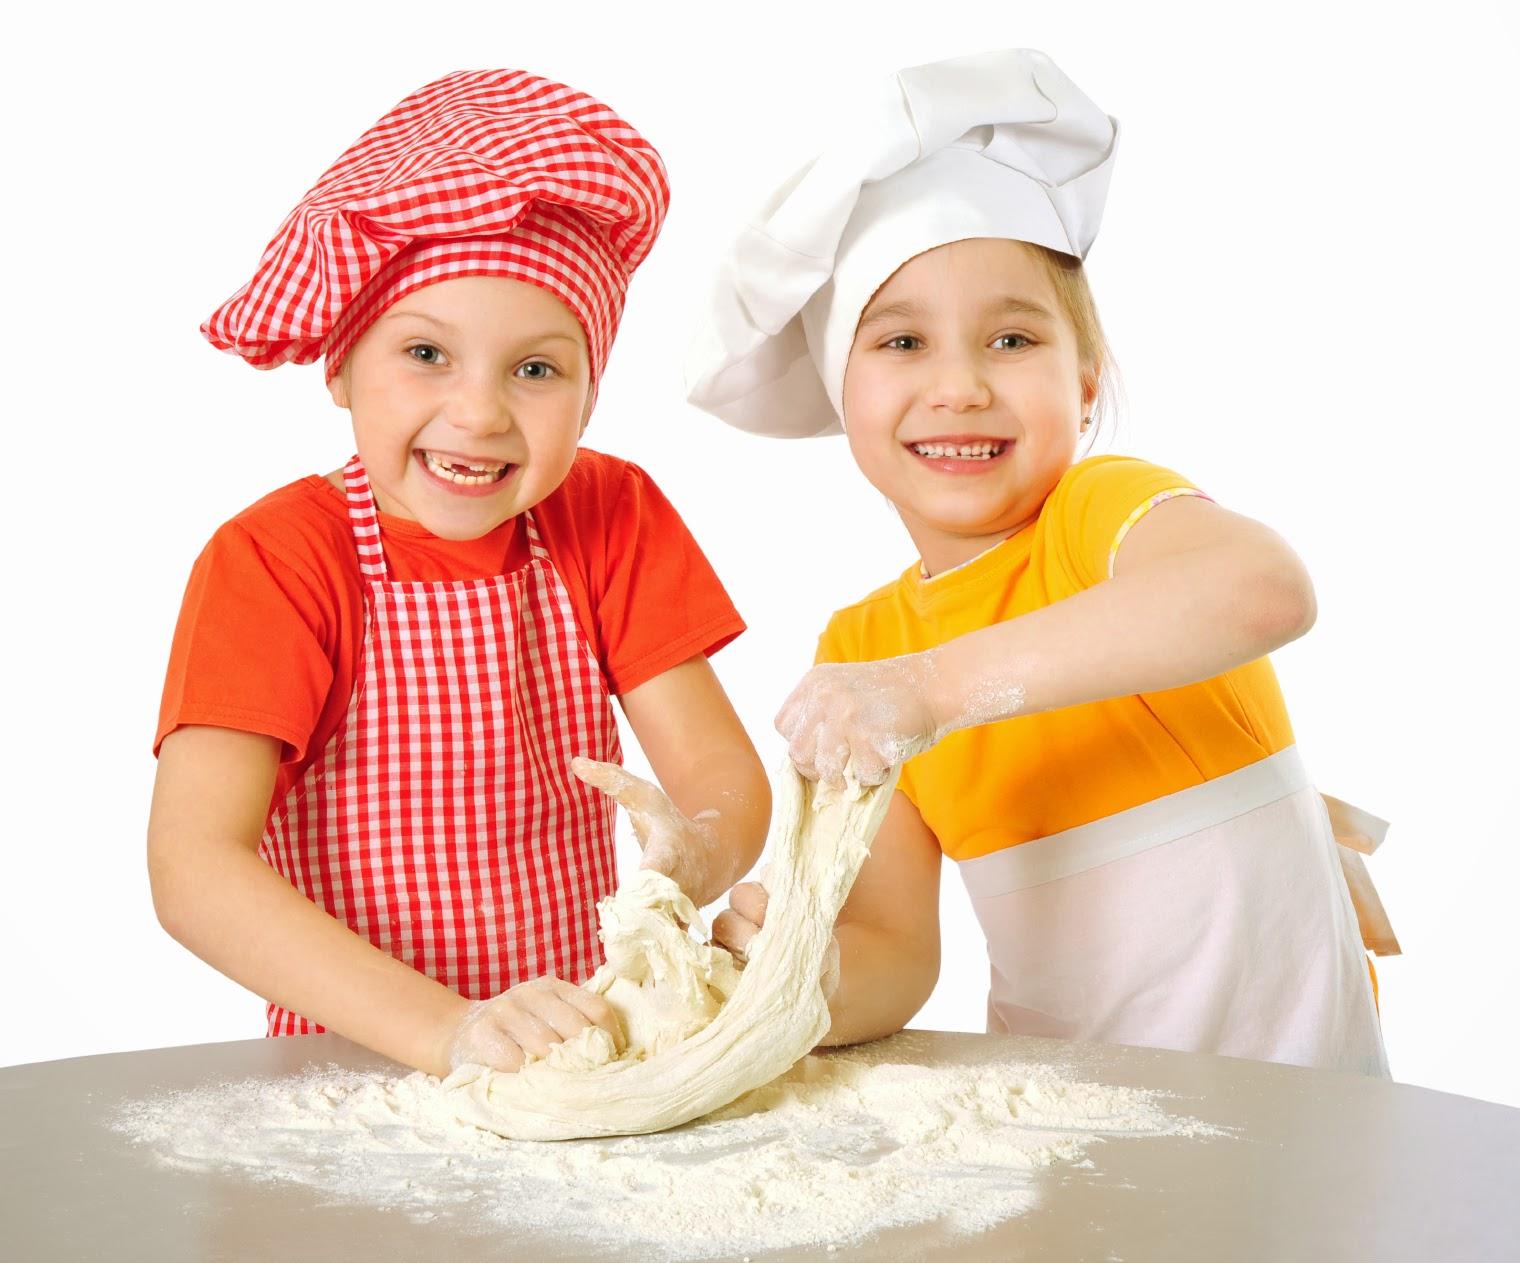 taller de cocina para niños y familia